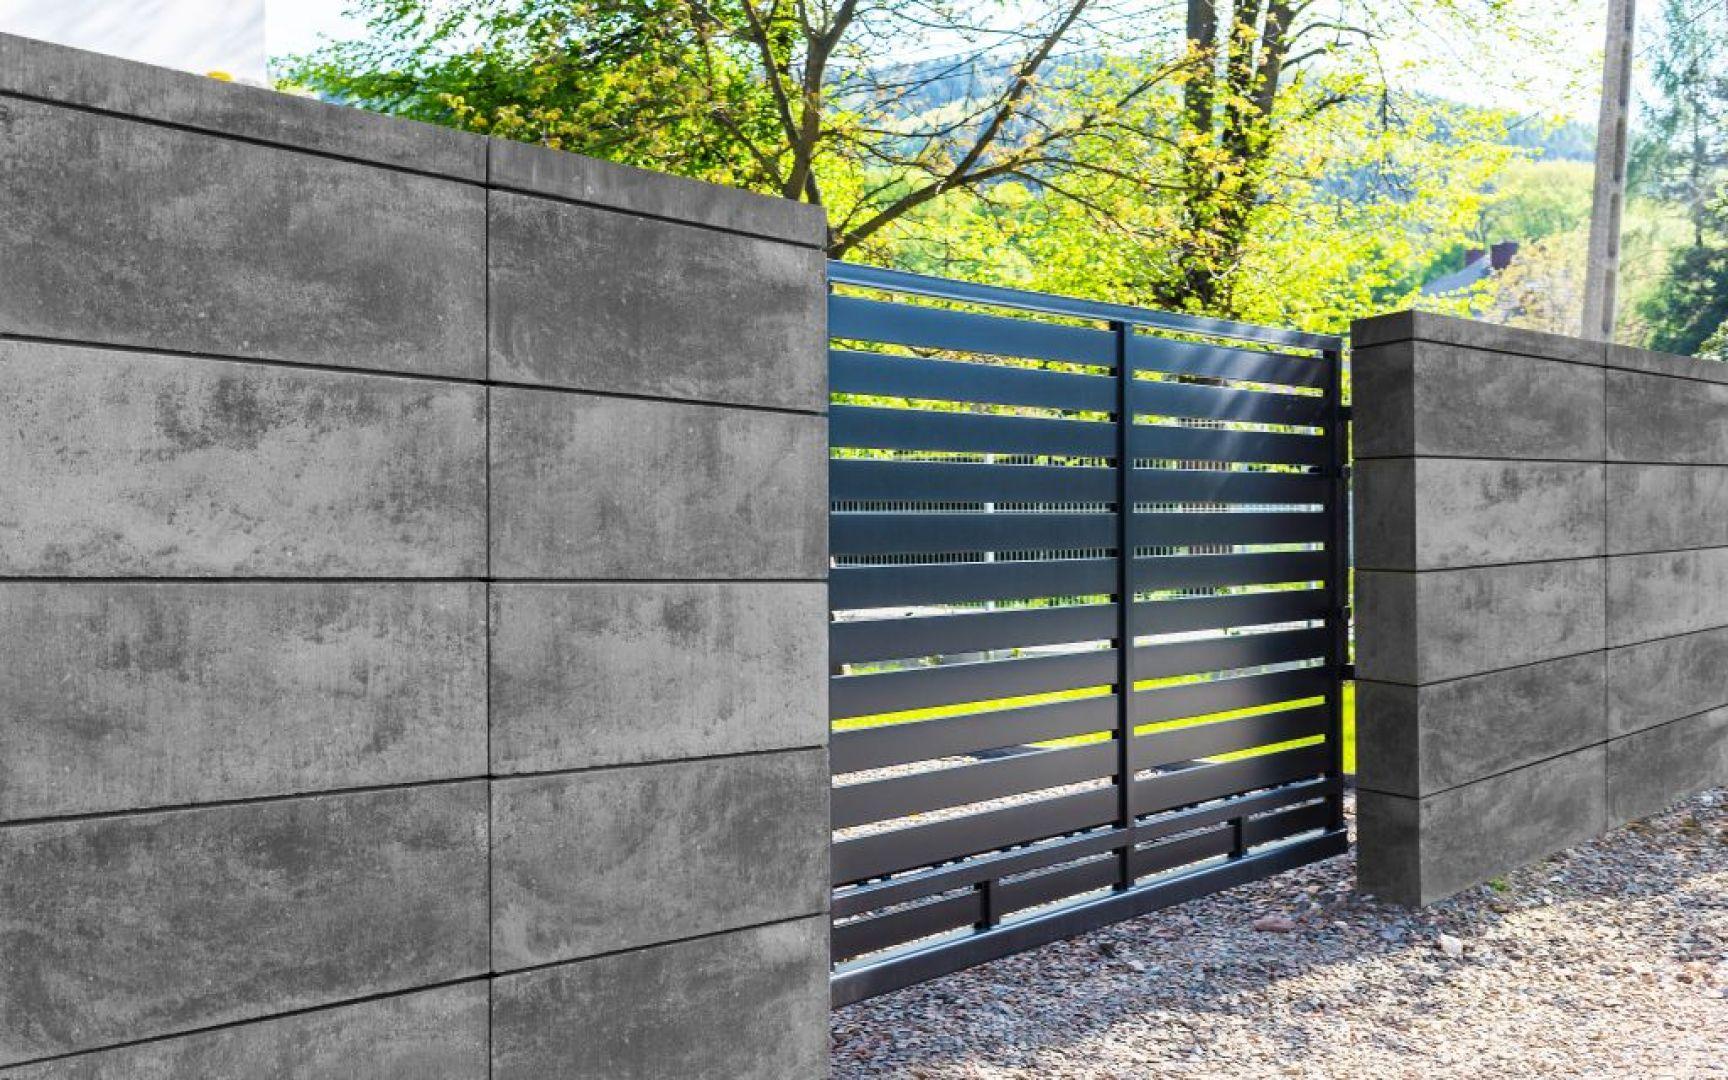 Ogrodzenie Murro można dopasować do różnych stylów architektonicznych z uwagi na to, że prefabrykaty występują w aż czterech kolorach.